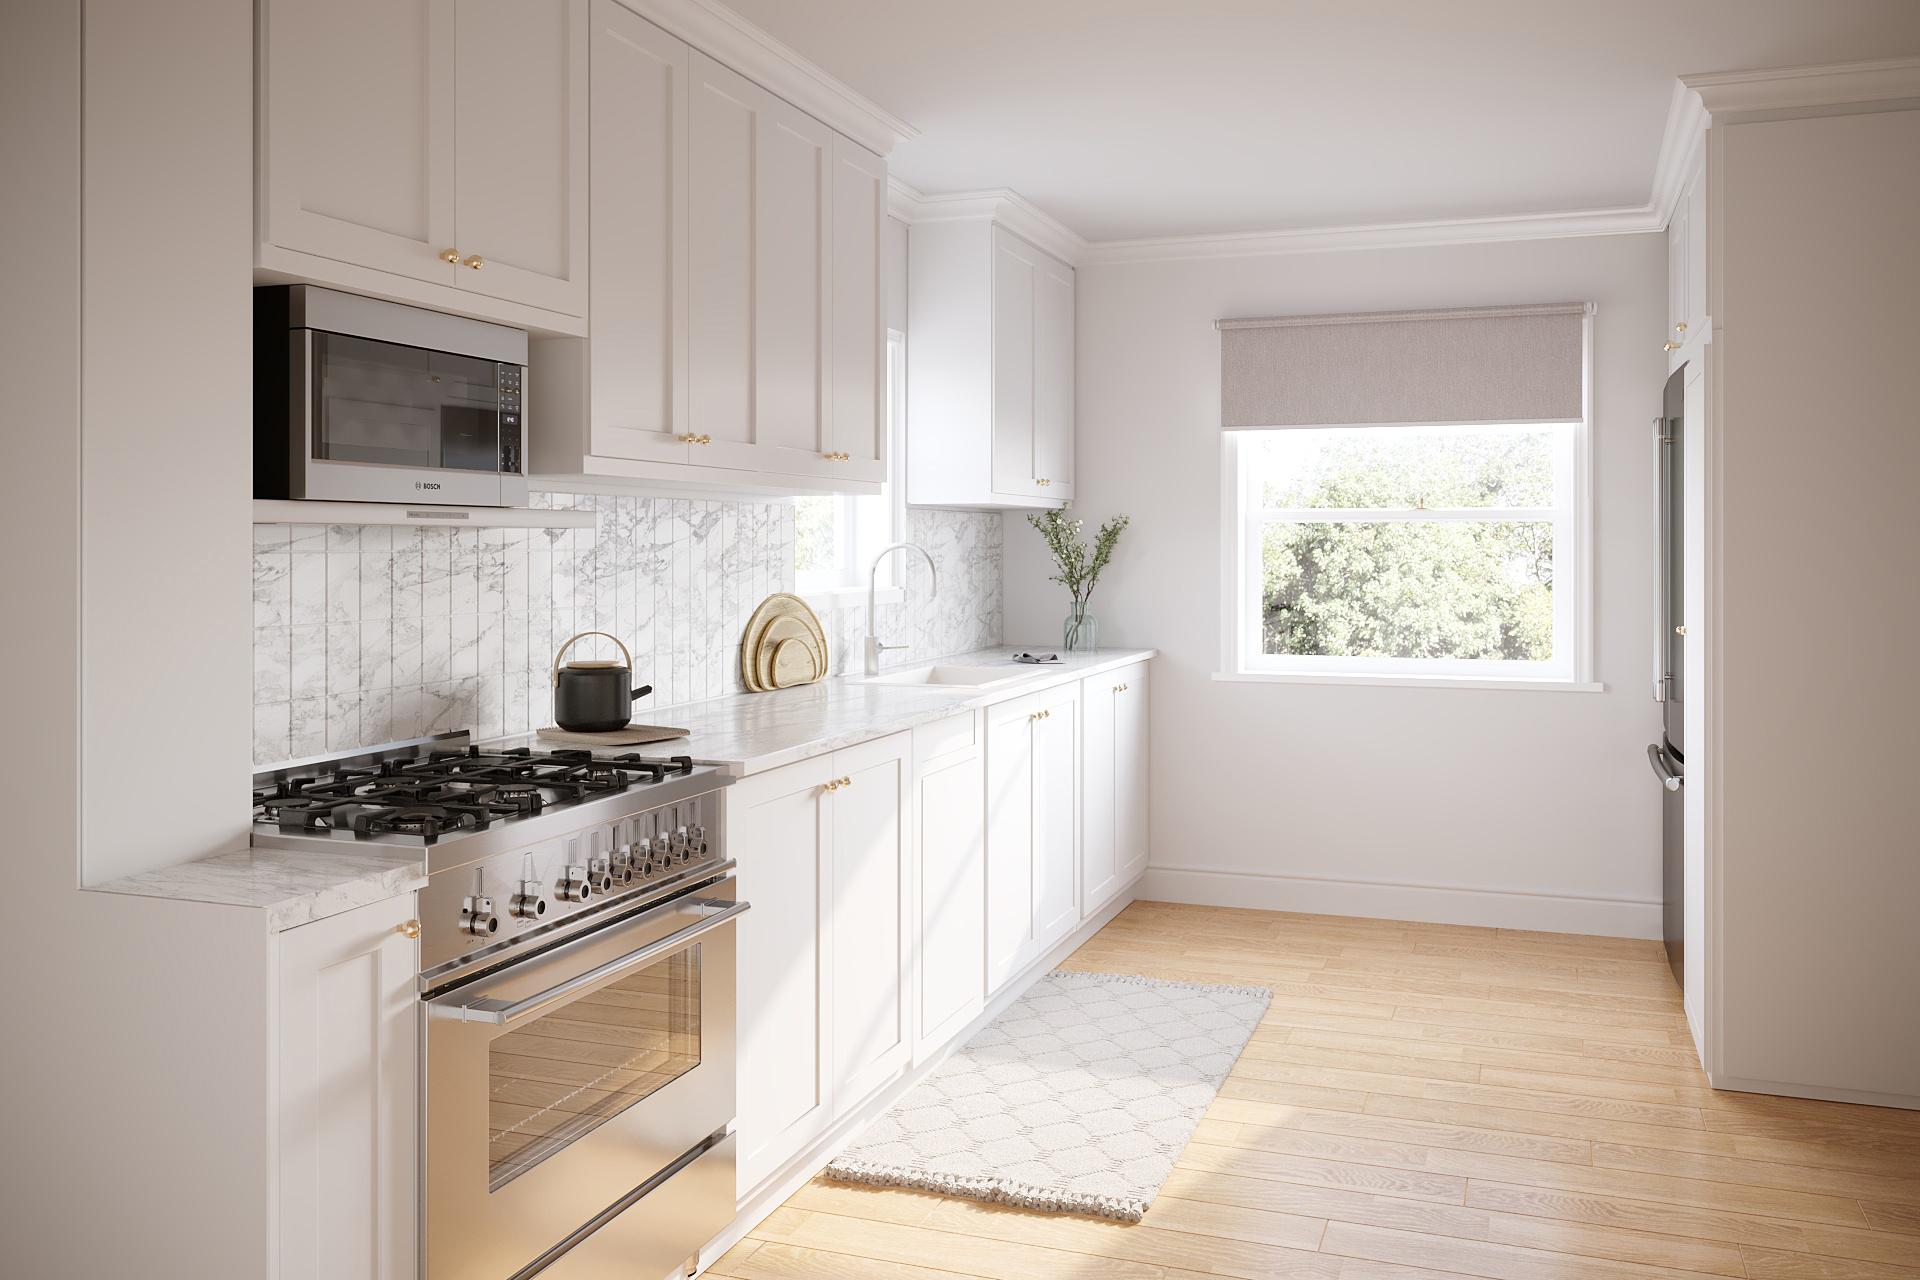 Willow Kitchen